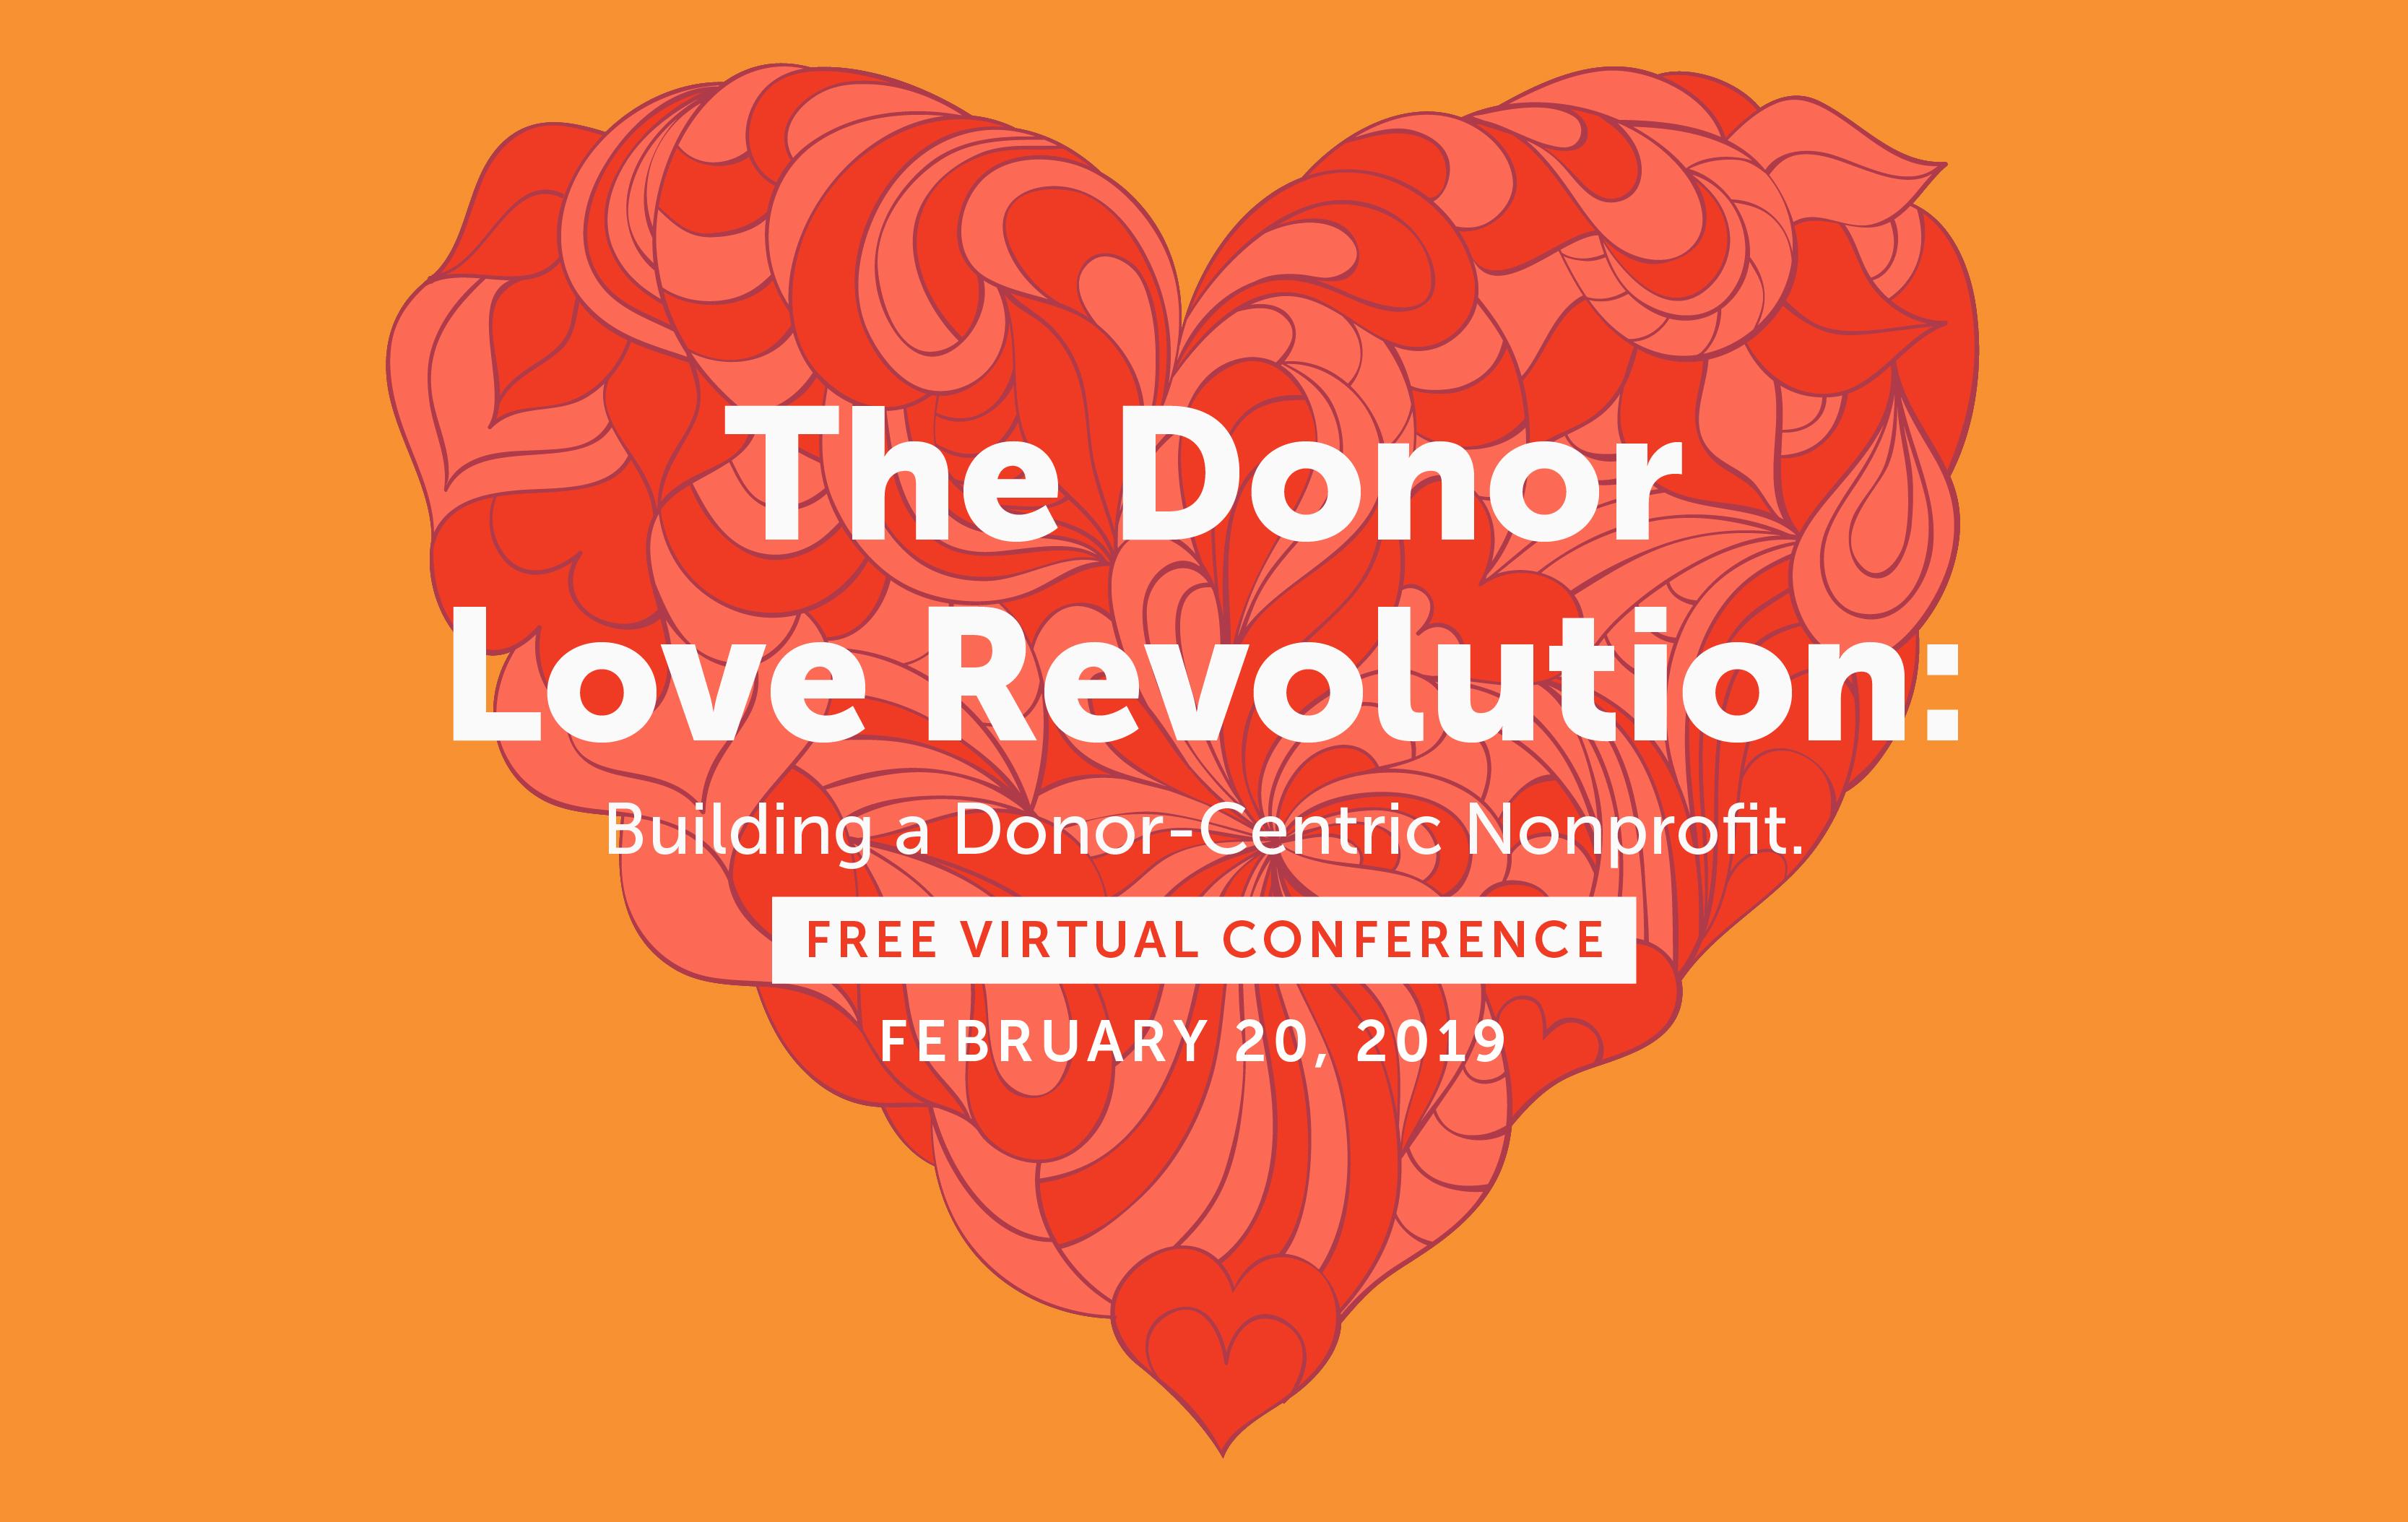 NfG_feb2019_Virtual_Conference_r1_v3_landing